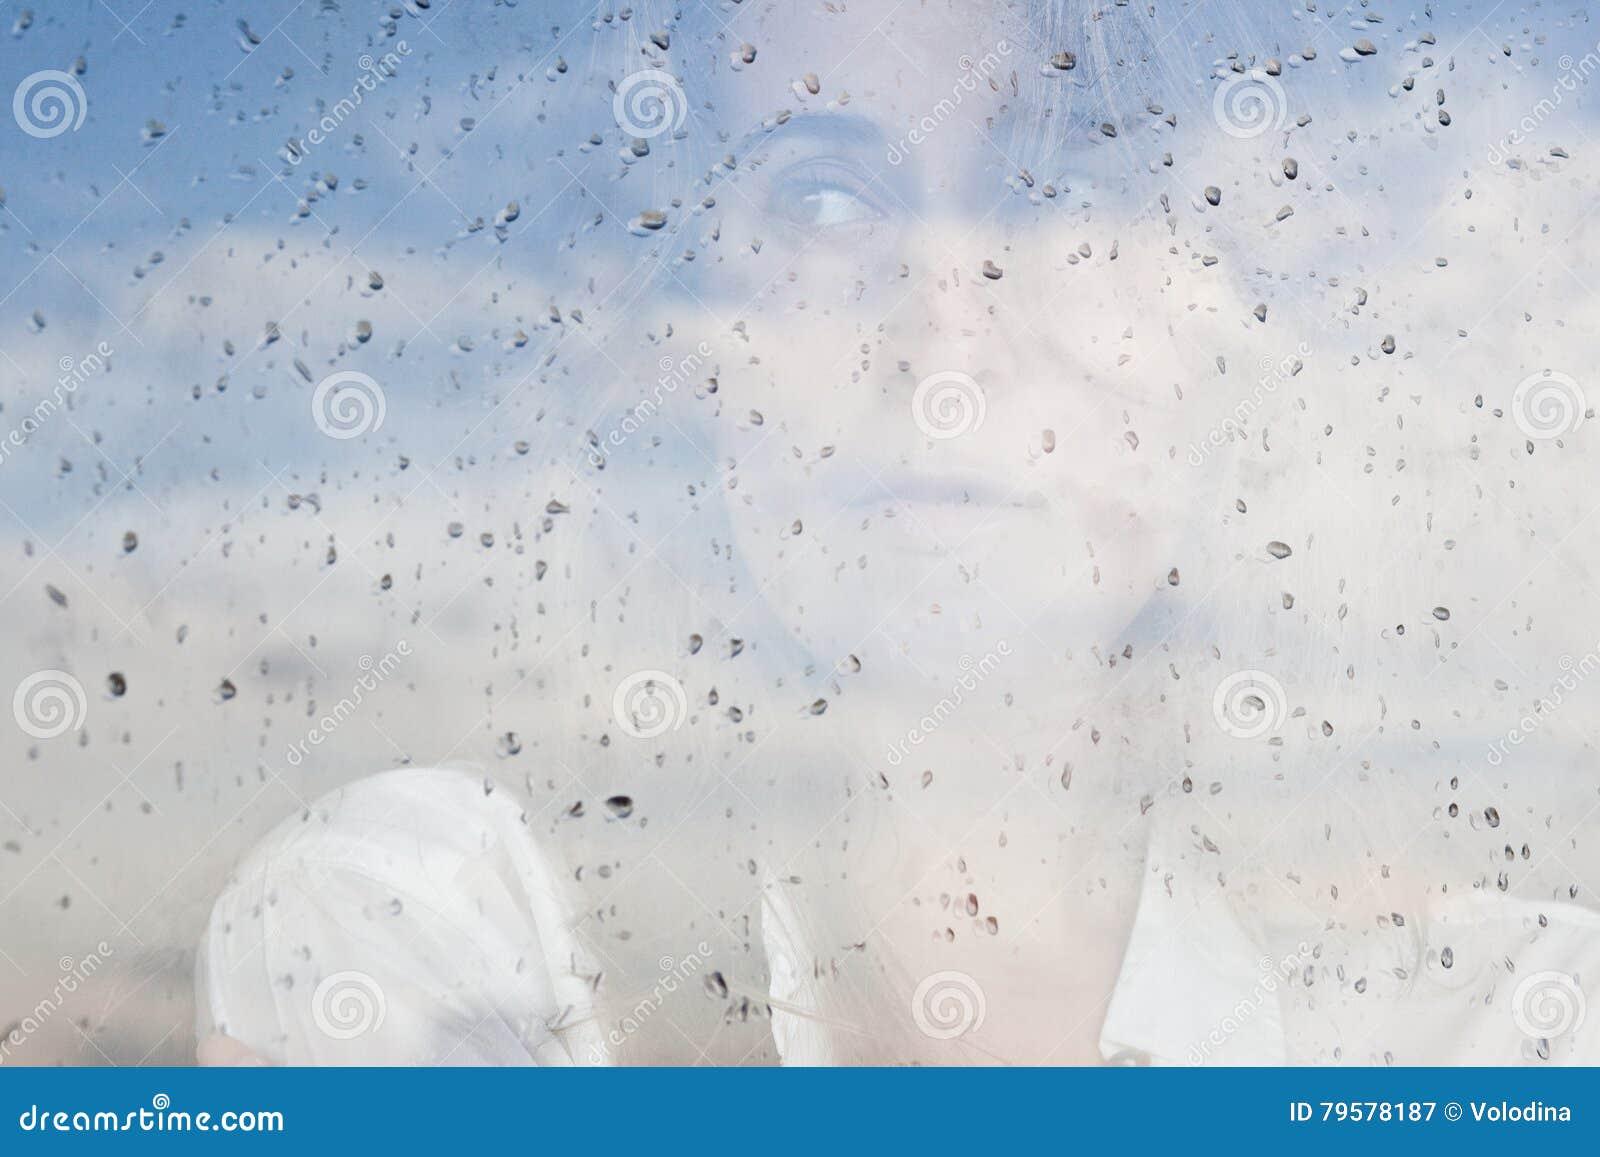 Ragazza alla finestra pioggia stock images 269 photos - Ragazza alla finestra ...